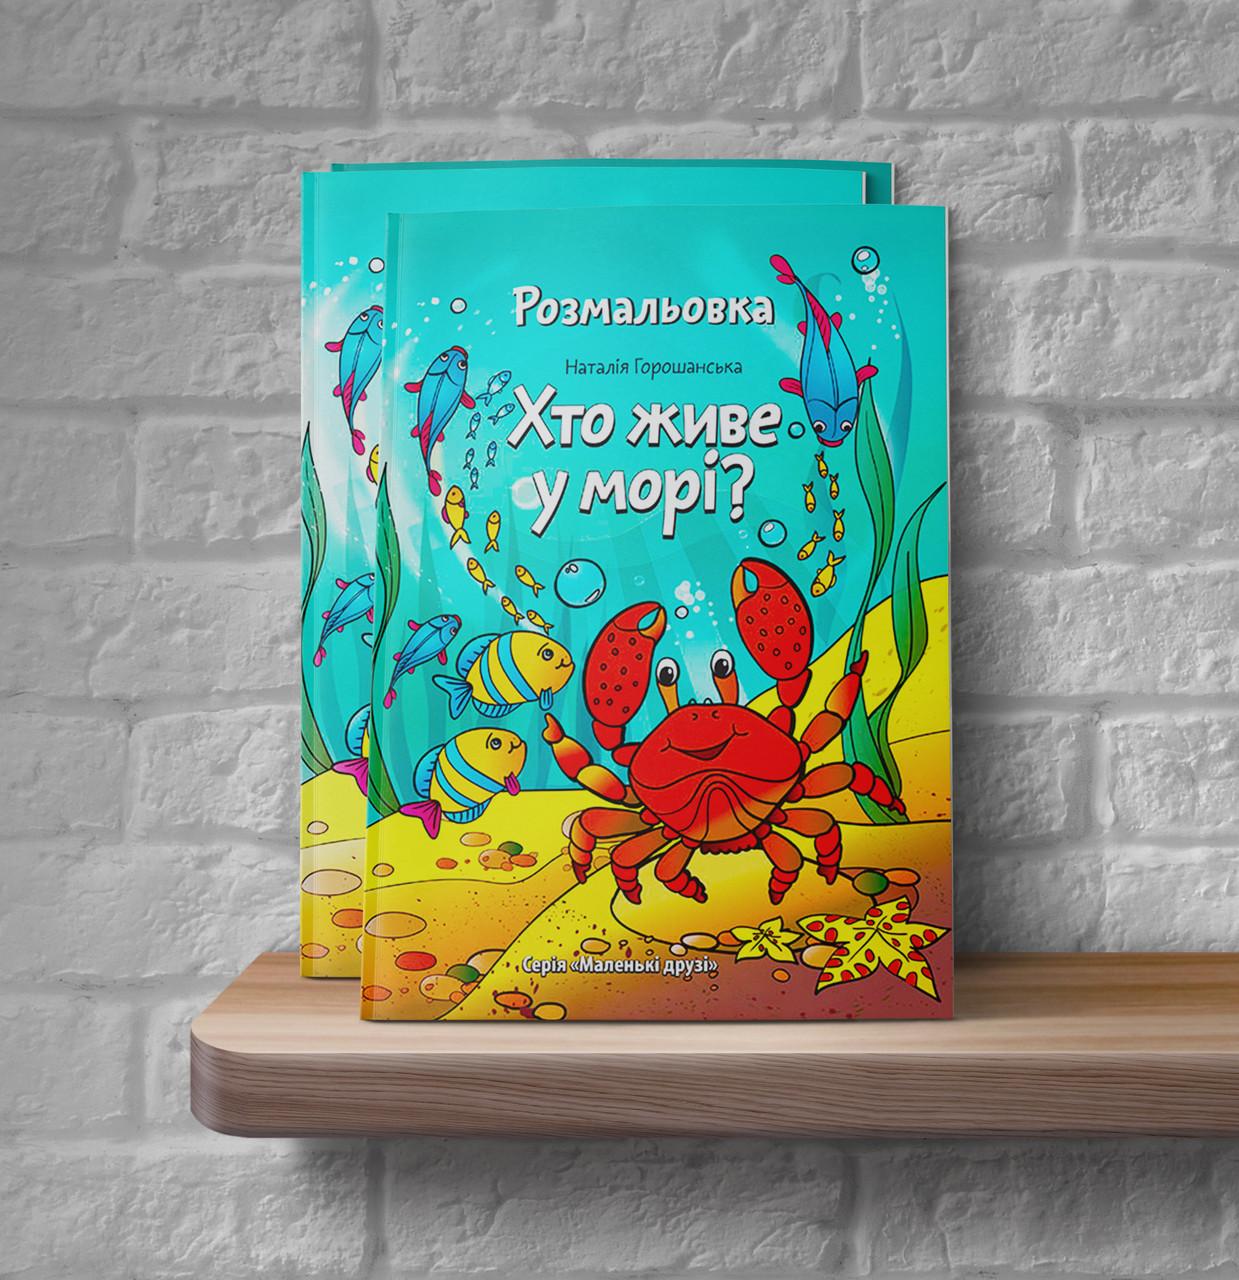 """Розмальовка """"Хто живе у морі?"""" Наталія Горошанська"""